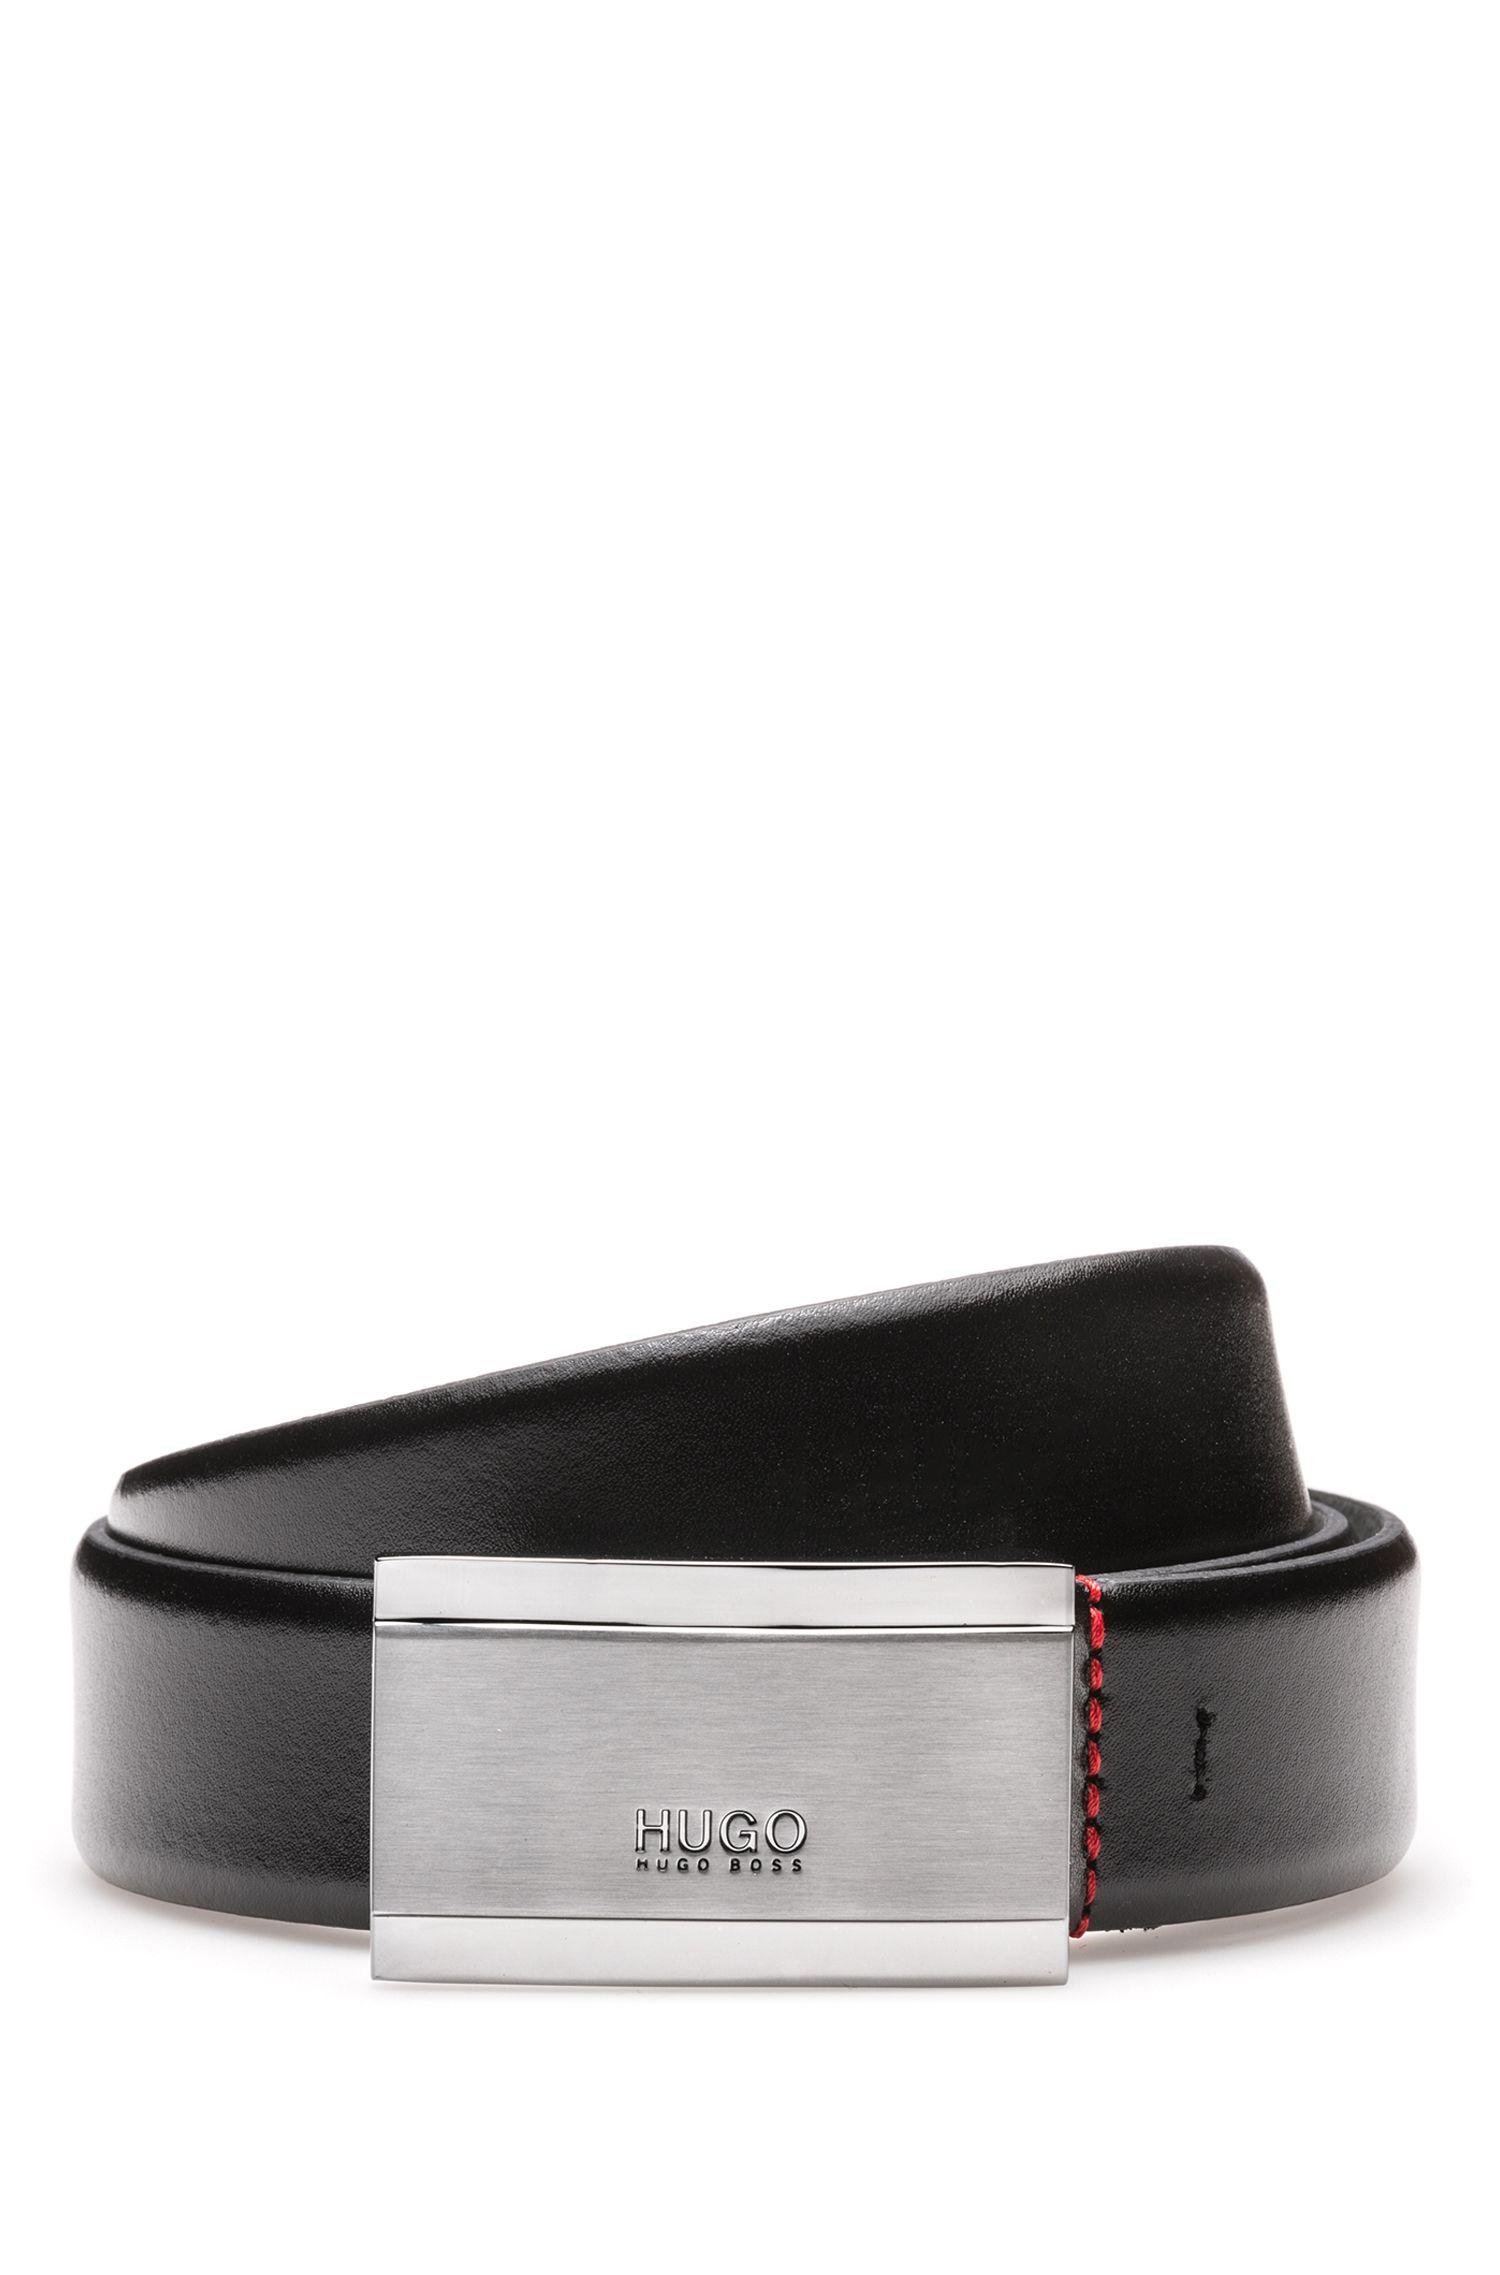 Cinturón de piel lisa con placa de metal grabada